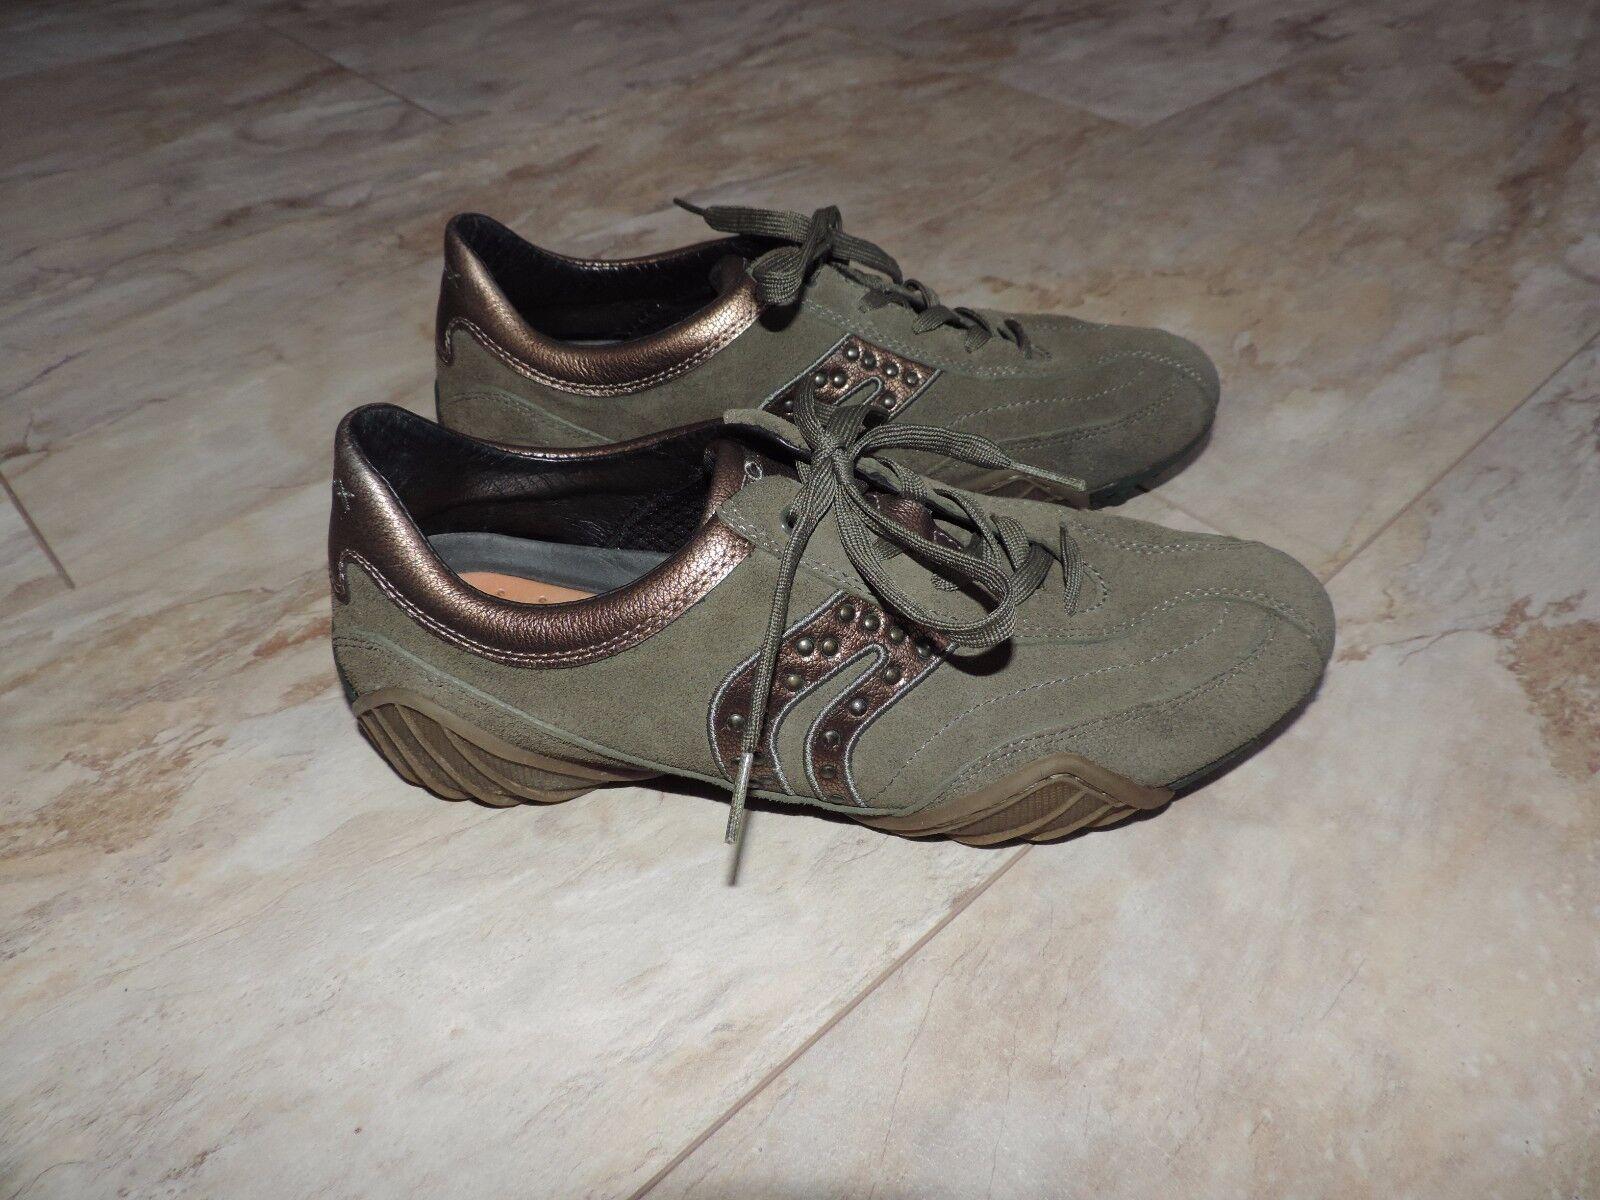 Zapatos señora señora señora zapatos geox cortos, cuero, talla 40, Artículo nuevo  marcas en línea venta barata